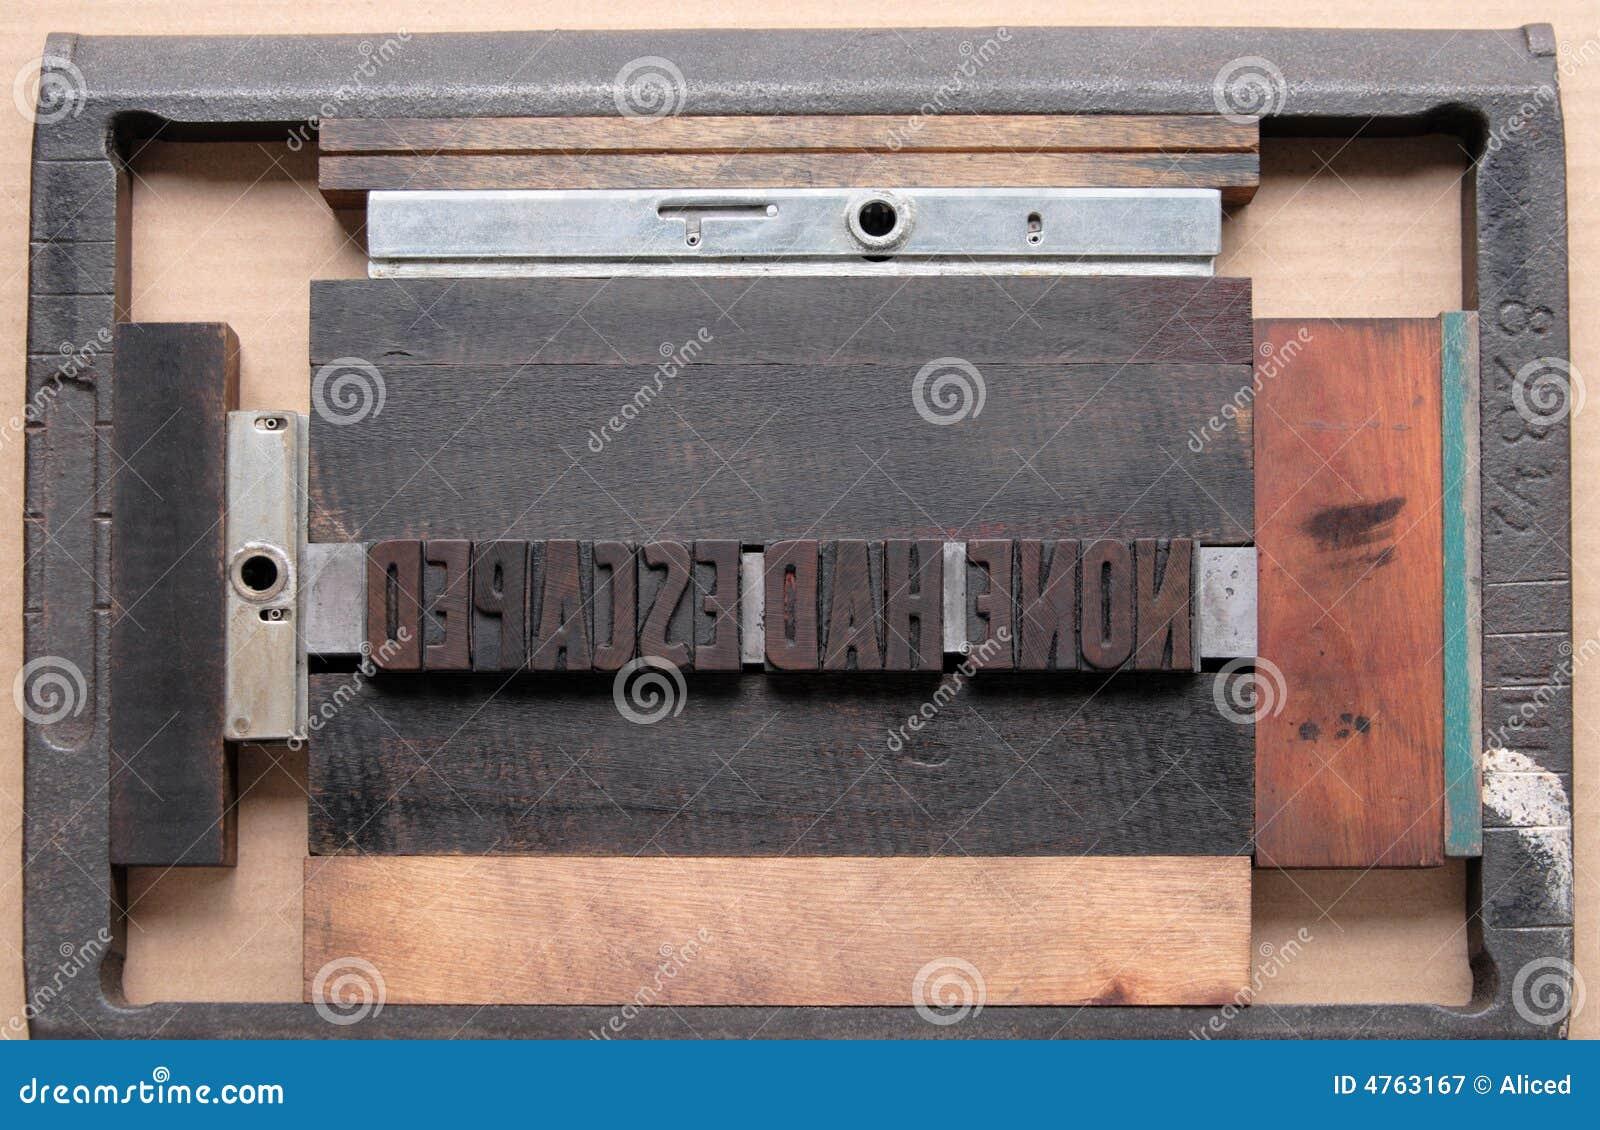 La prensa de copiar pulsa adentro la persecución de una impresora